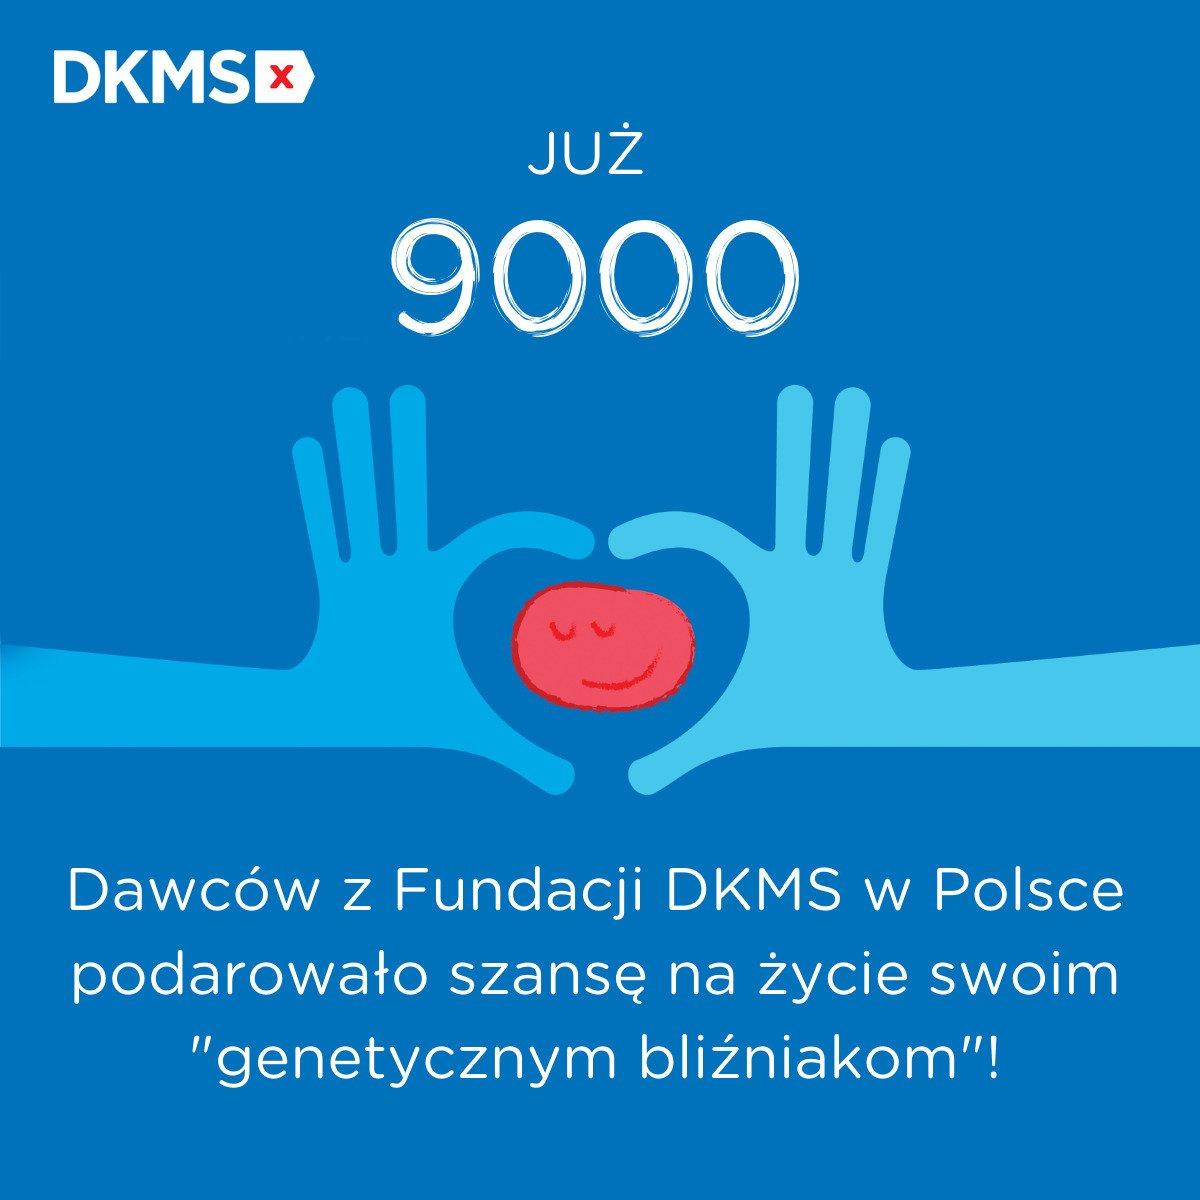 9-tysięczny Dawca faktyczny z bazy Fundacji DKMS! Kolejna szansa na życie dzięki idei dawstwa szpiku